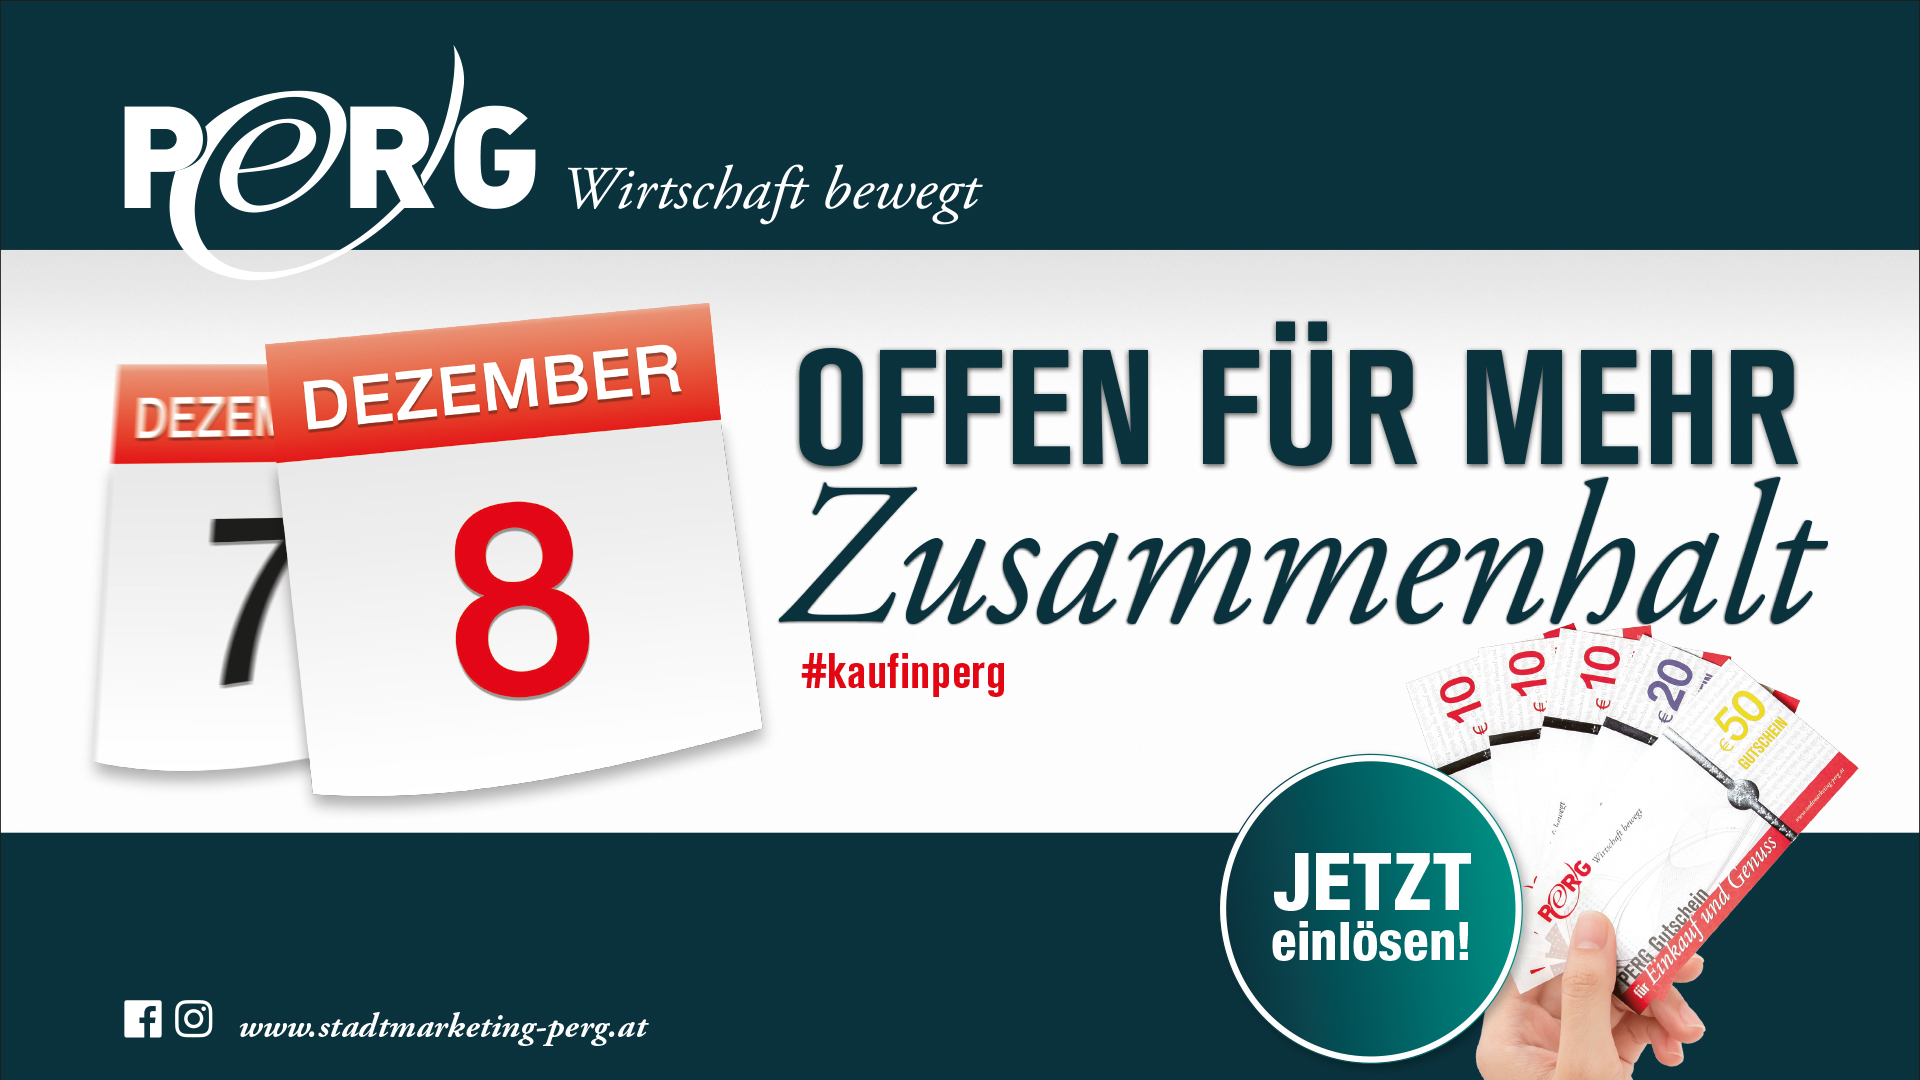 Zusammenhalt in Perg - Werbesujet für Wiedereröffnung nach dem 8. Dezember